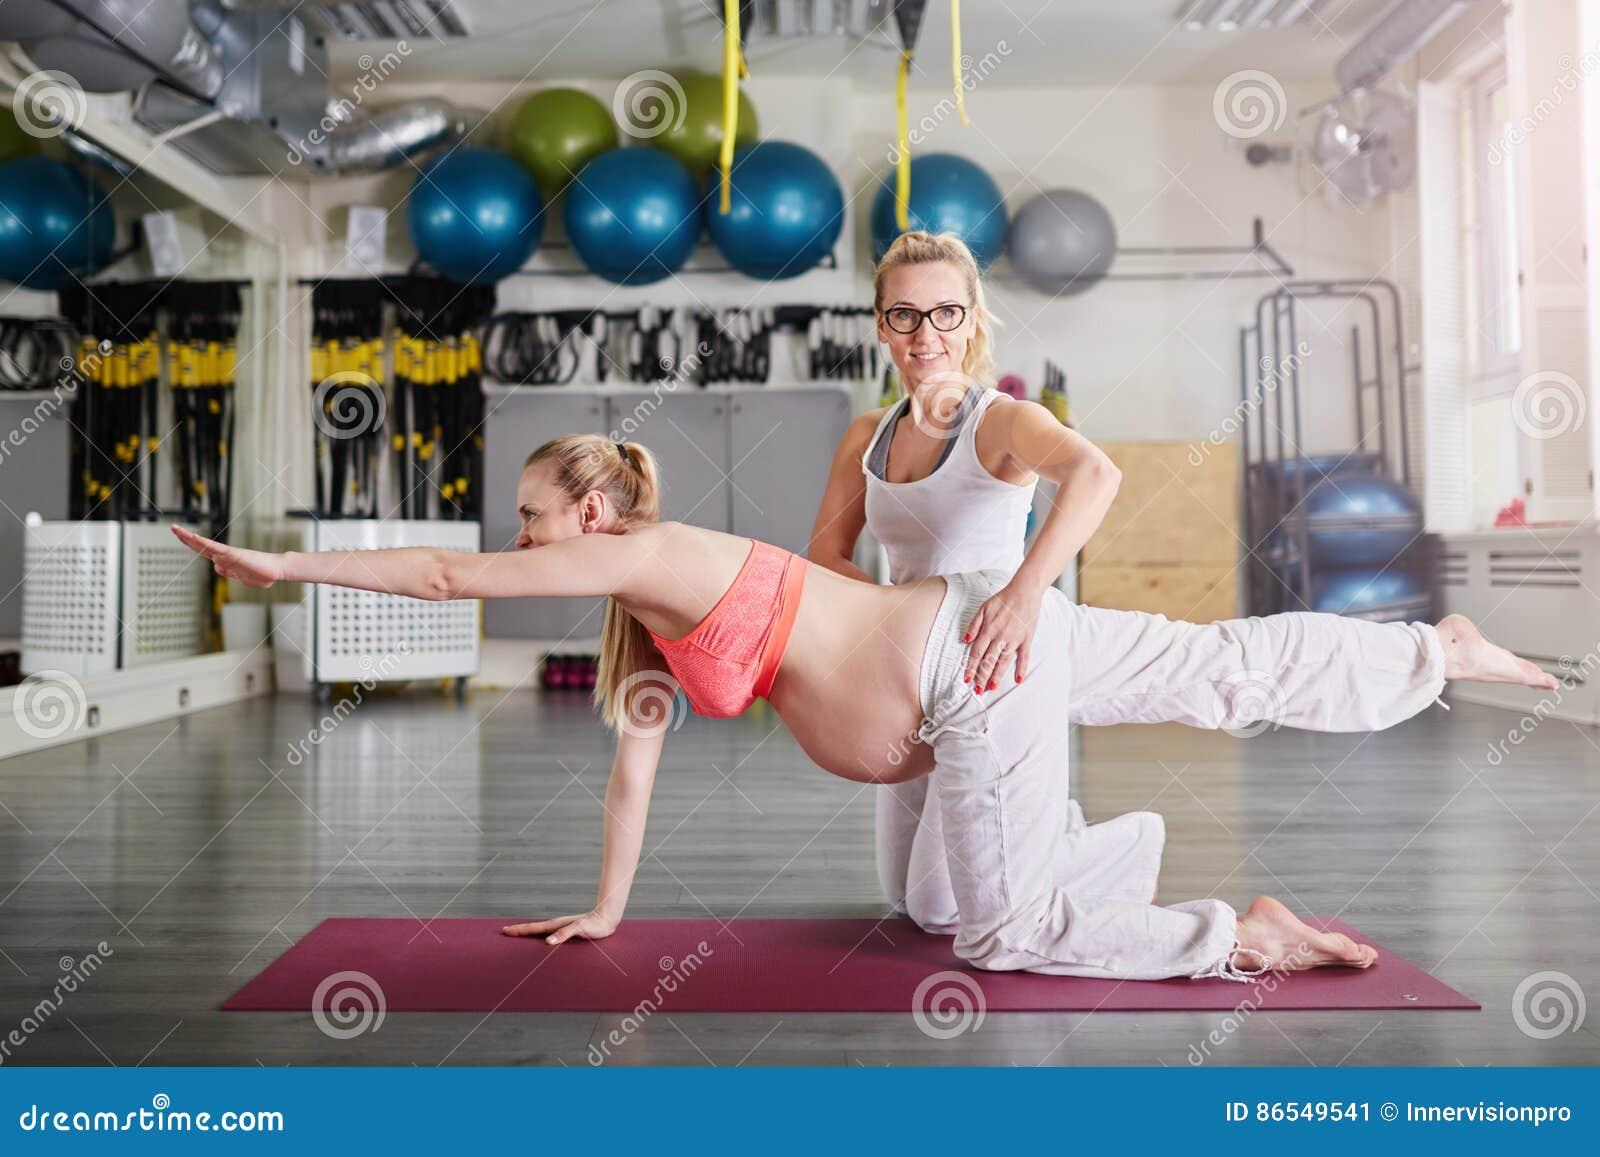 Ioga do treinamento da mulher gravida fixada pelo instrutor pessoal